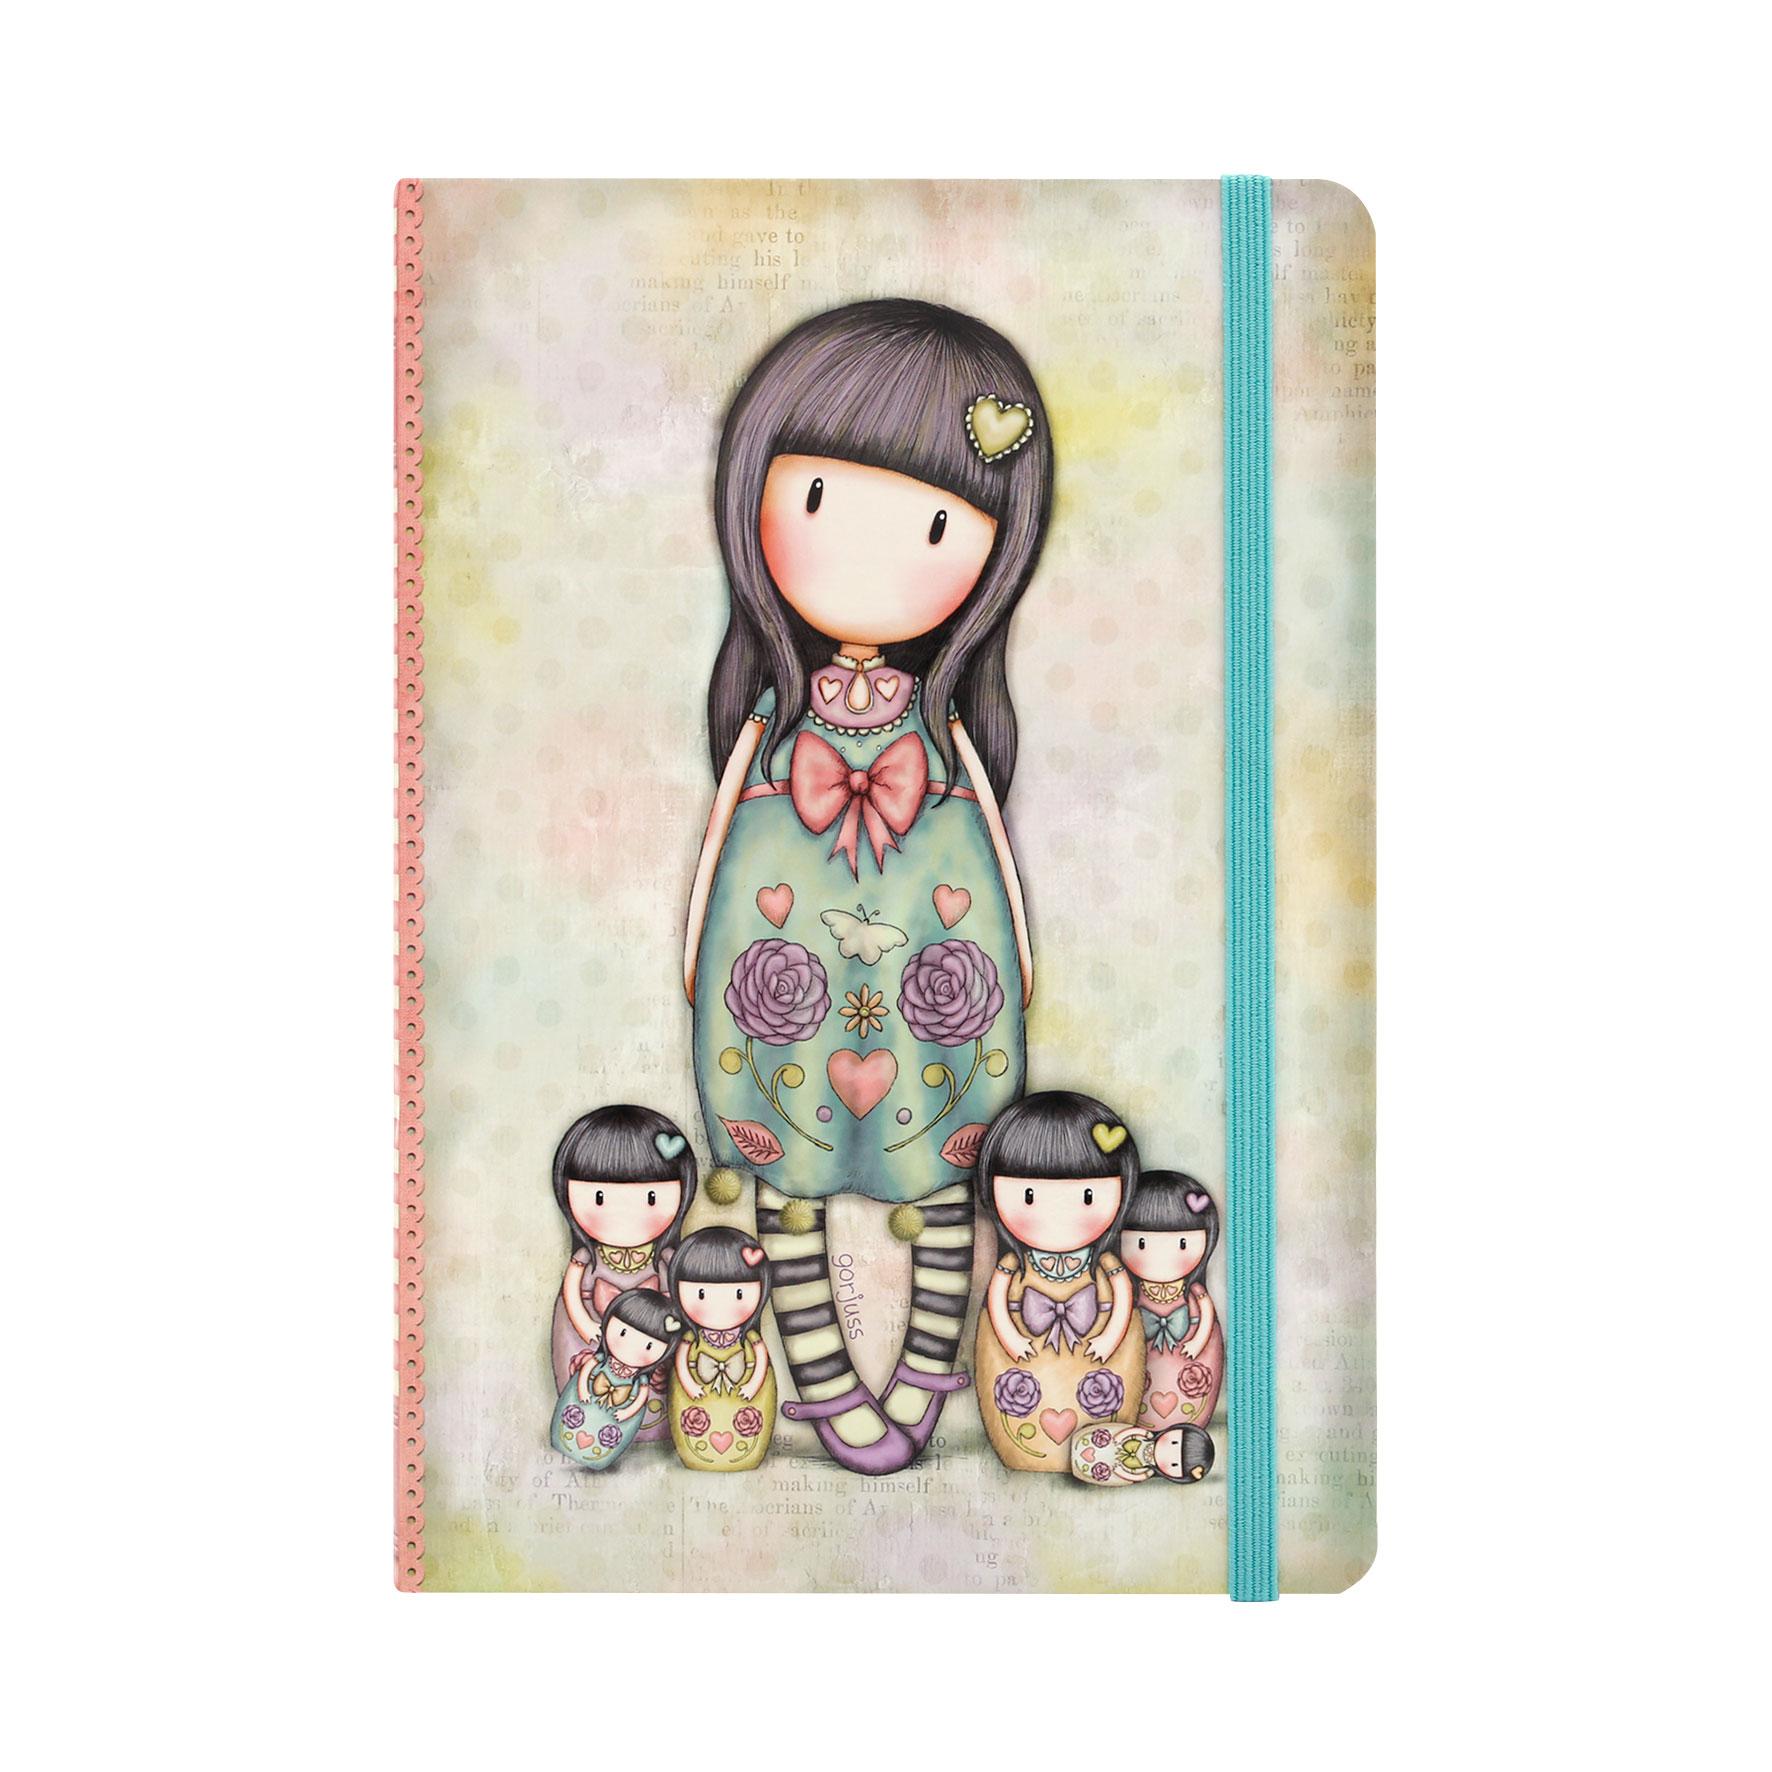 Купить Блокнот в твердой обложке - Seven Sisters из серии Gorjuss, Santoro London